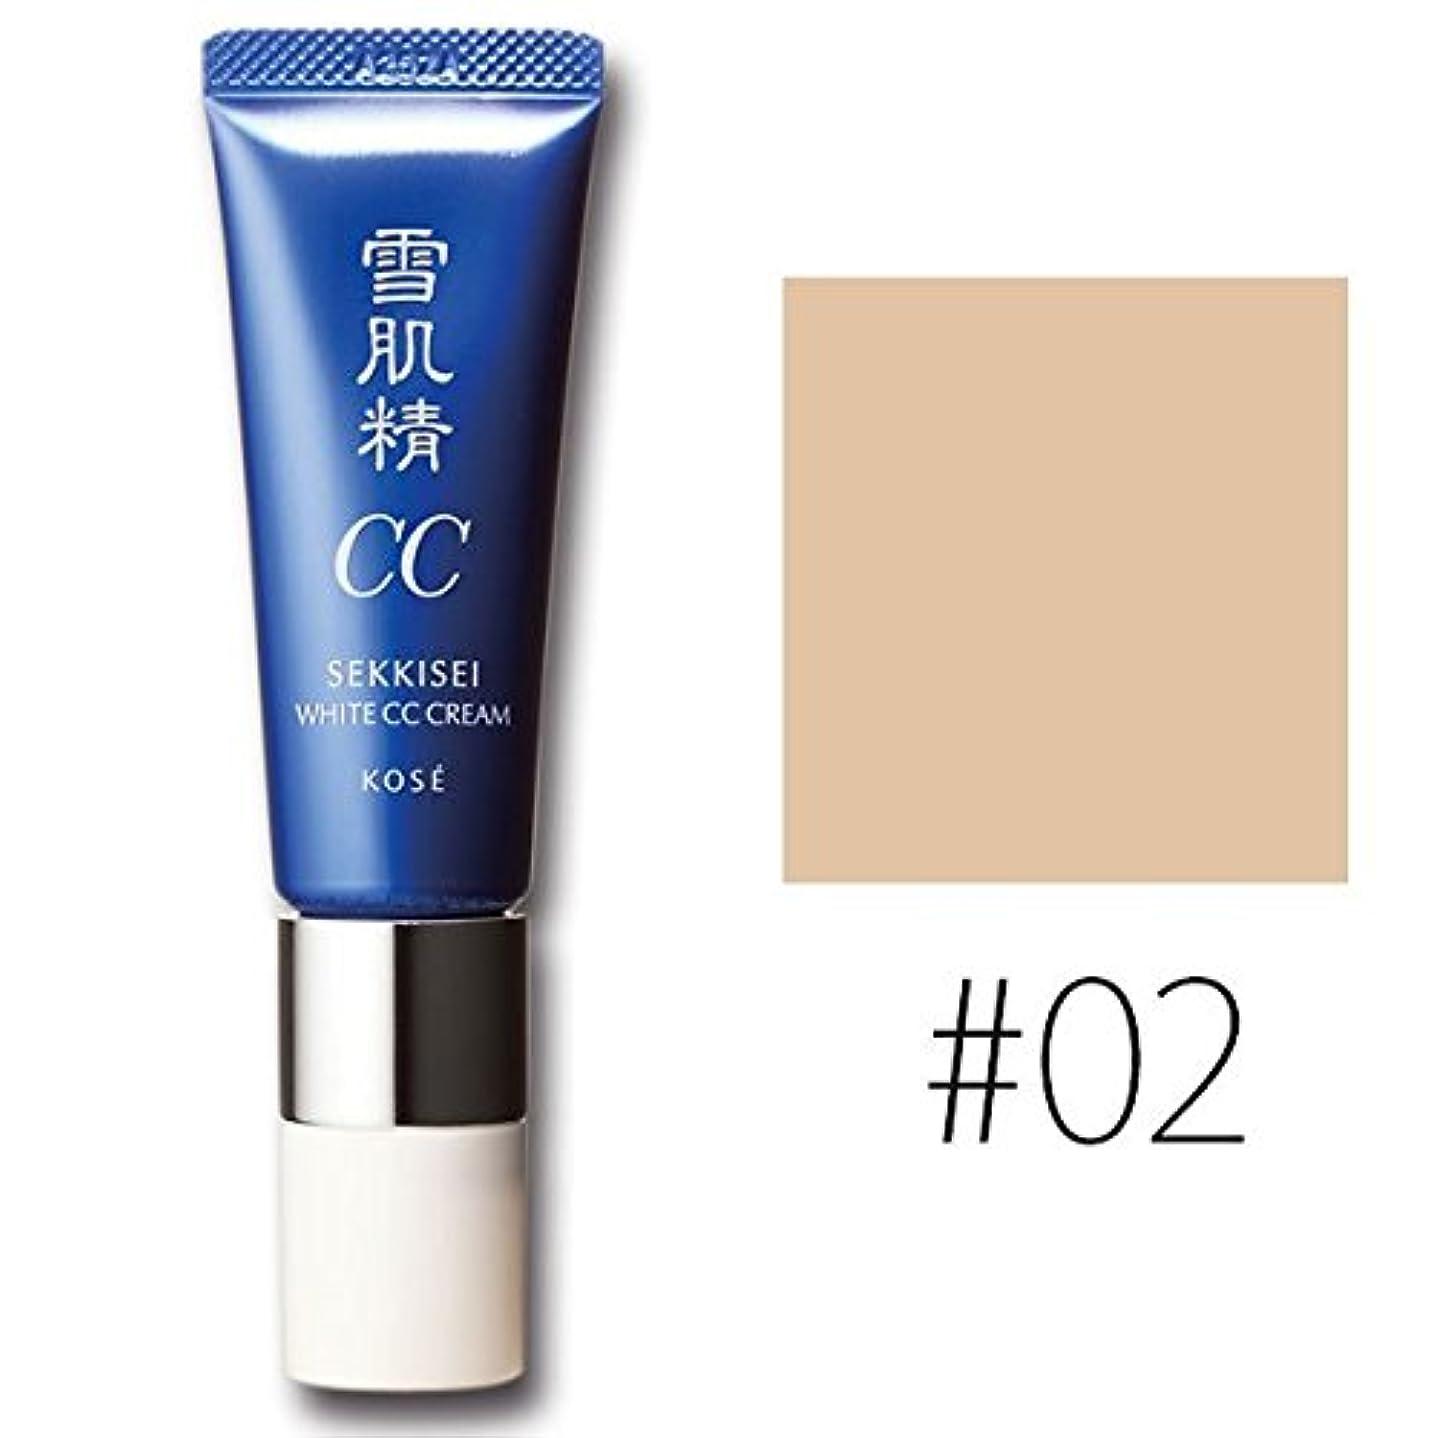 メンダシティ可決考えるコーセー 雪肌精 ホワイト CCクリーム【#02】 #OCHRE SPF50+/PA++++ 30g